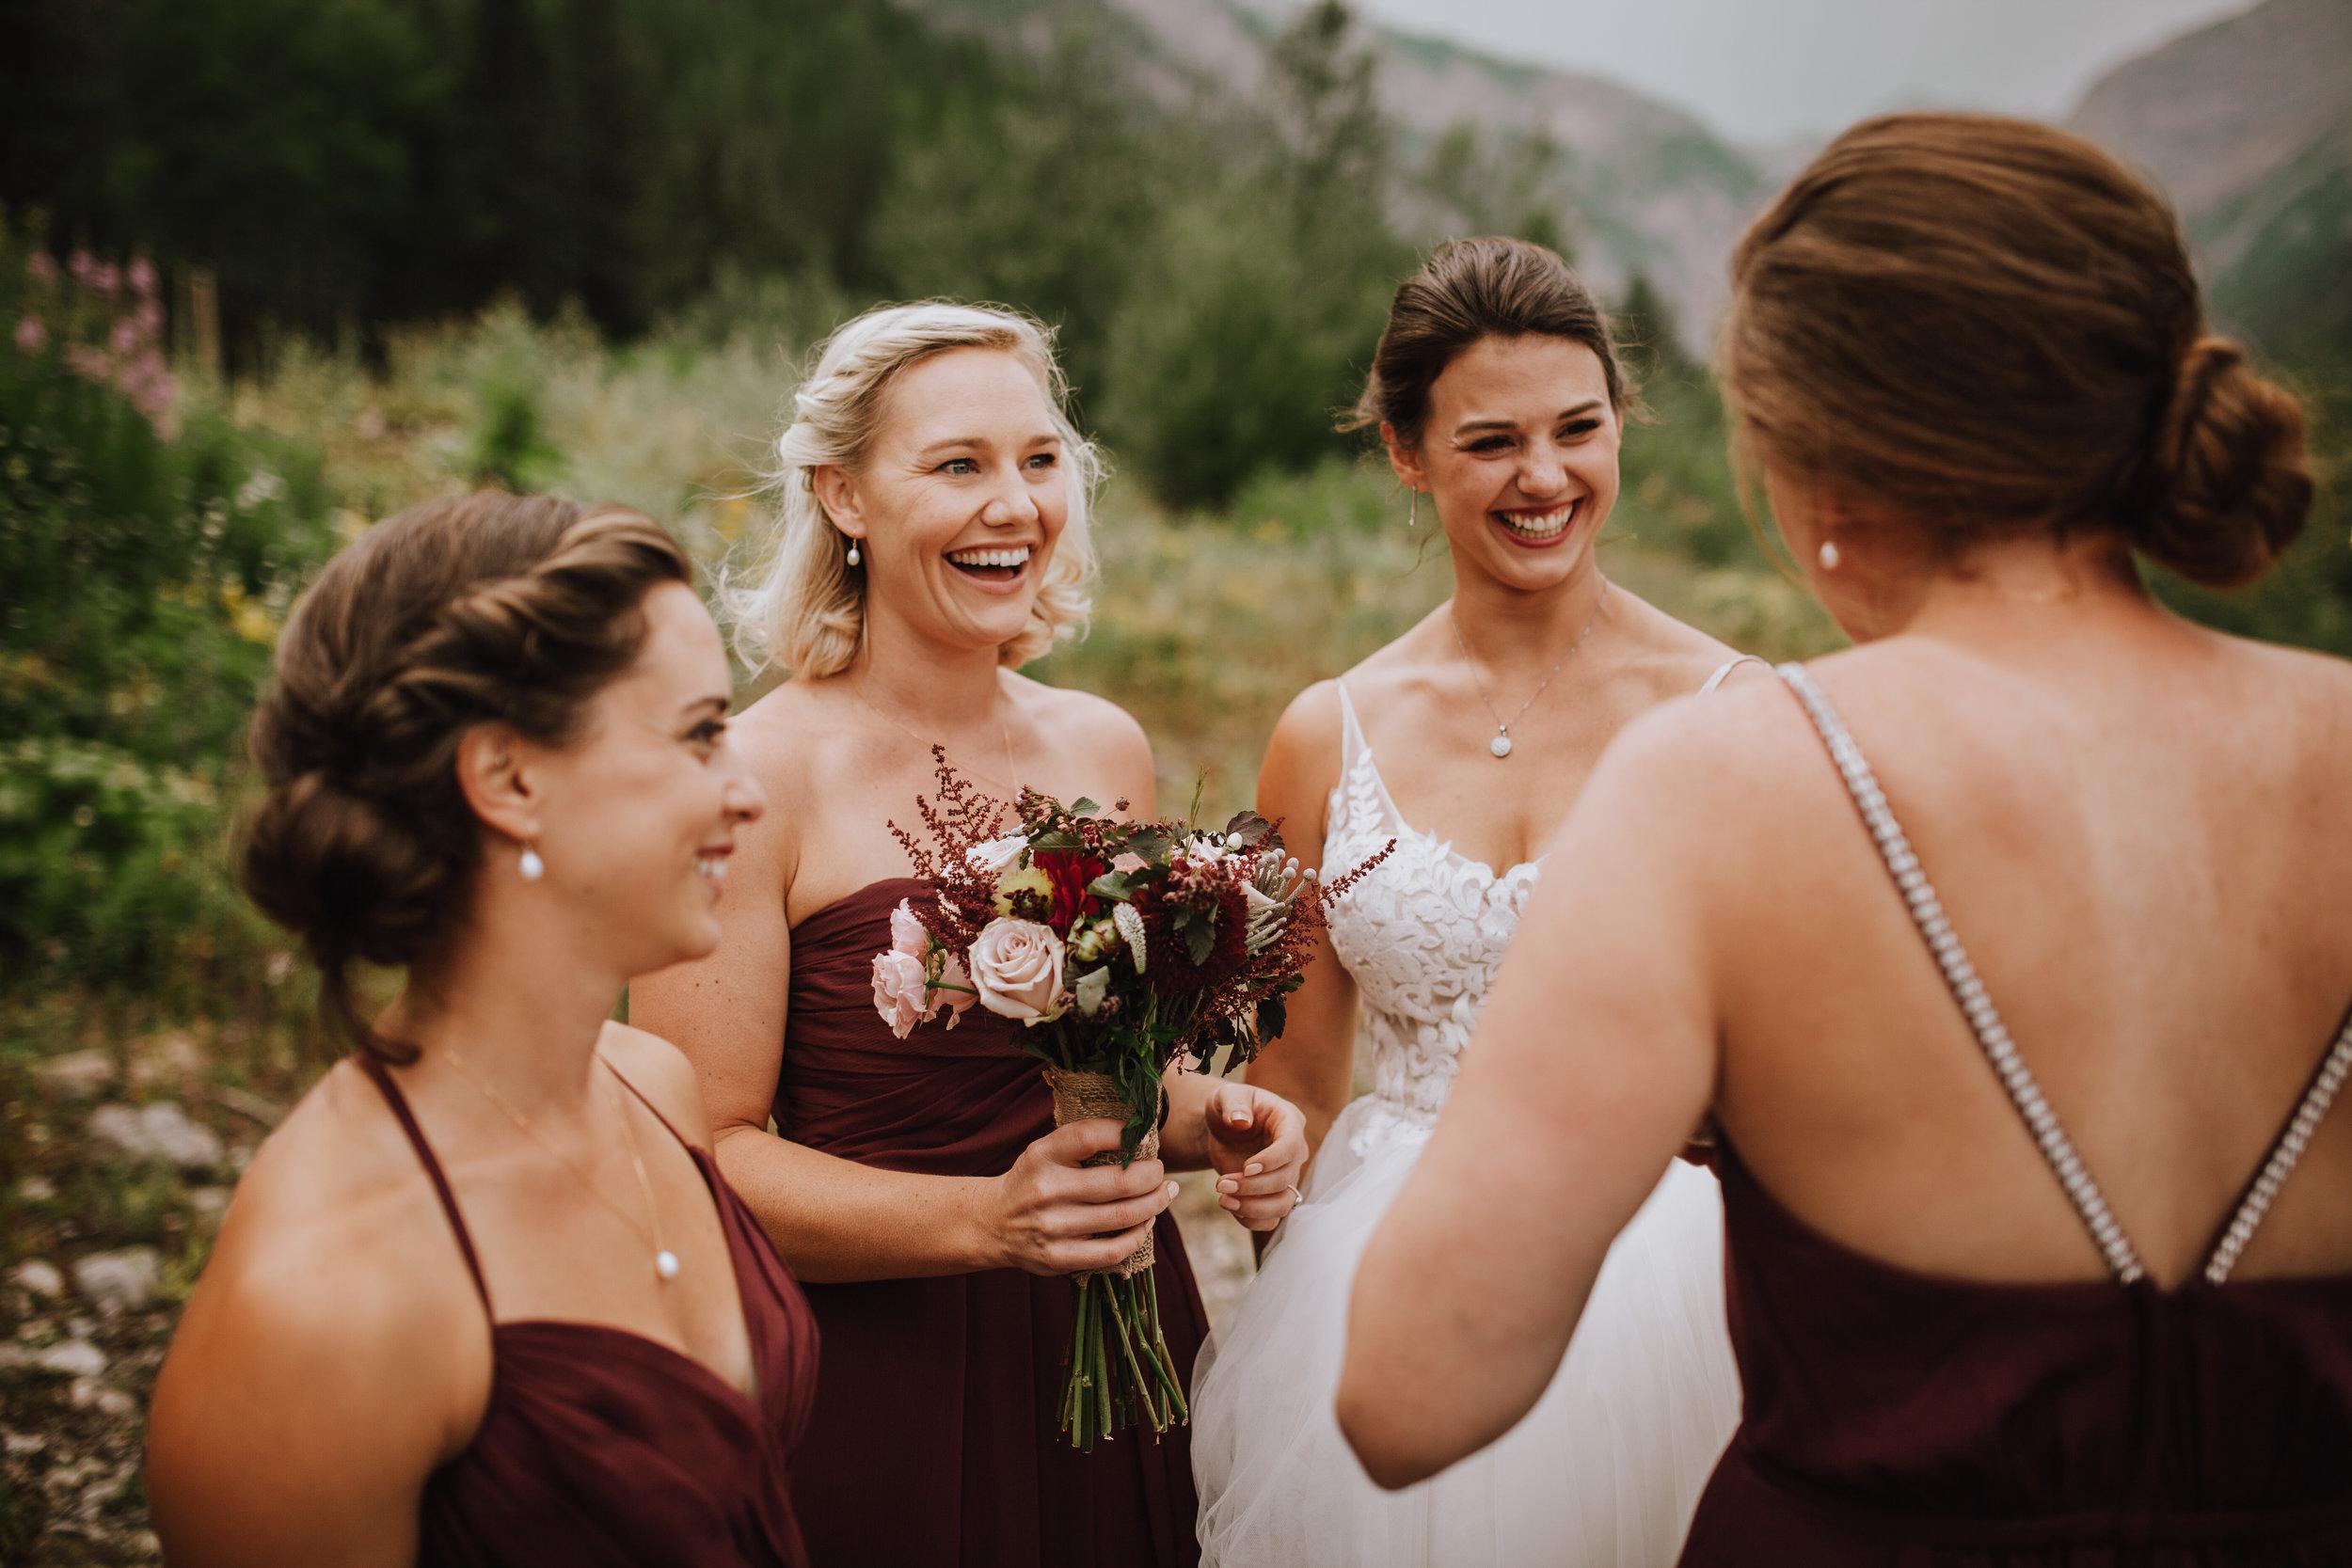 Sam + Jenna 4 - Bridal Portraits-187.jpg